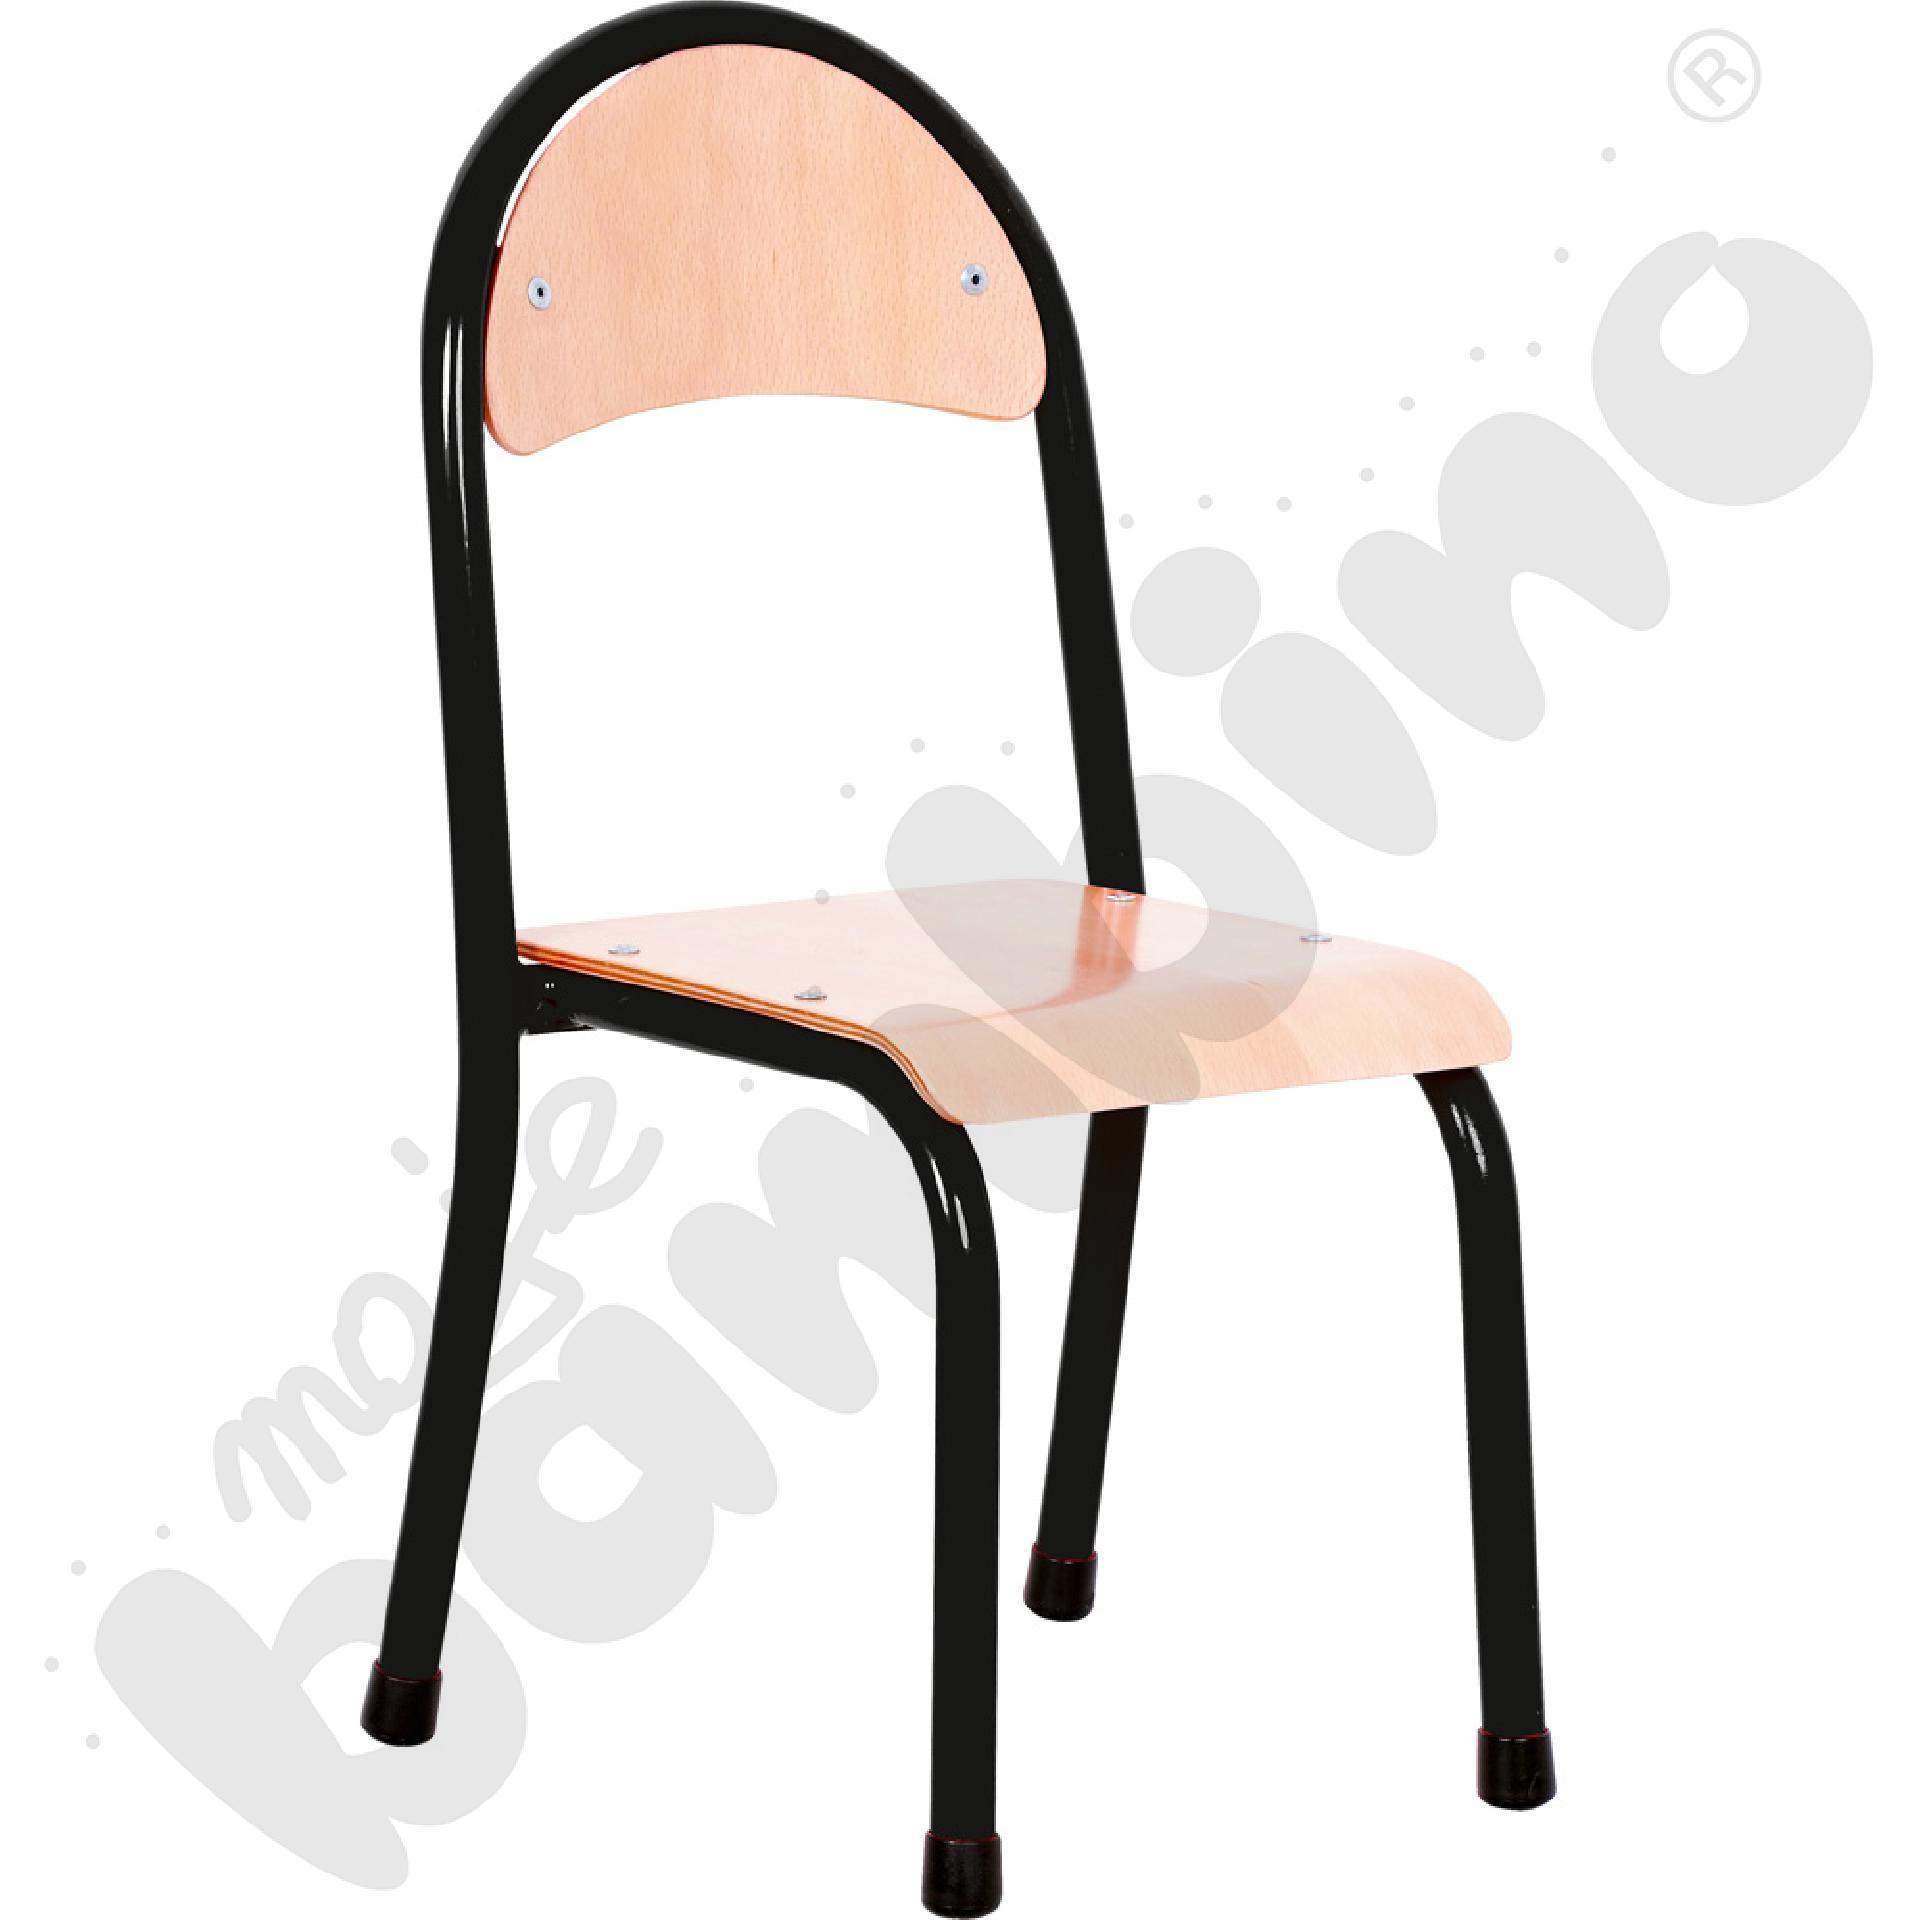 Krzesło P rozm. 1 czarne